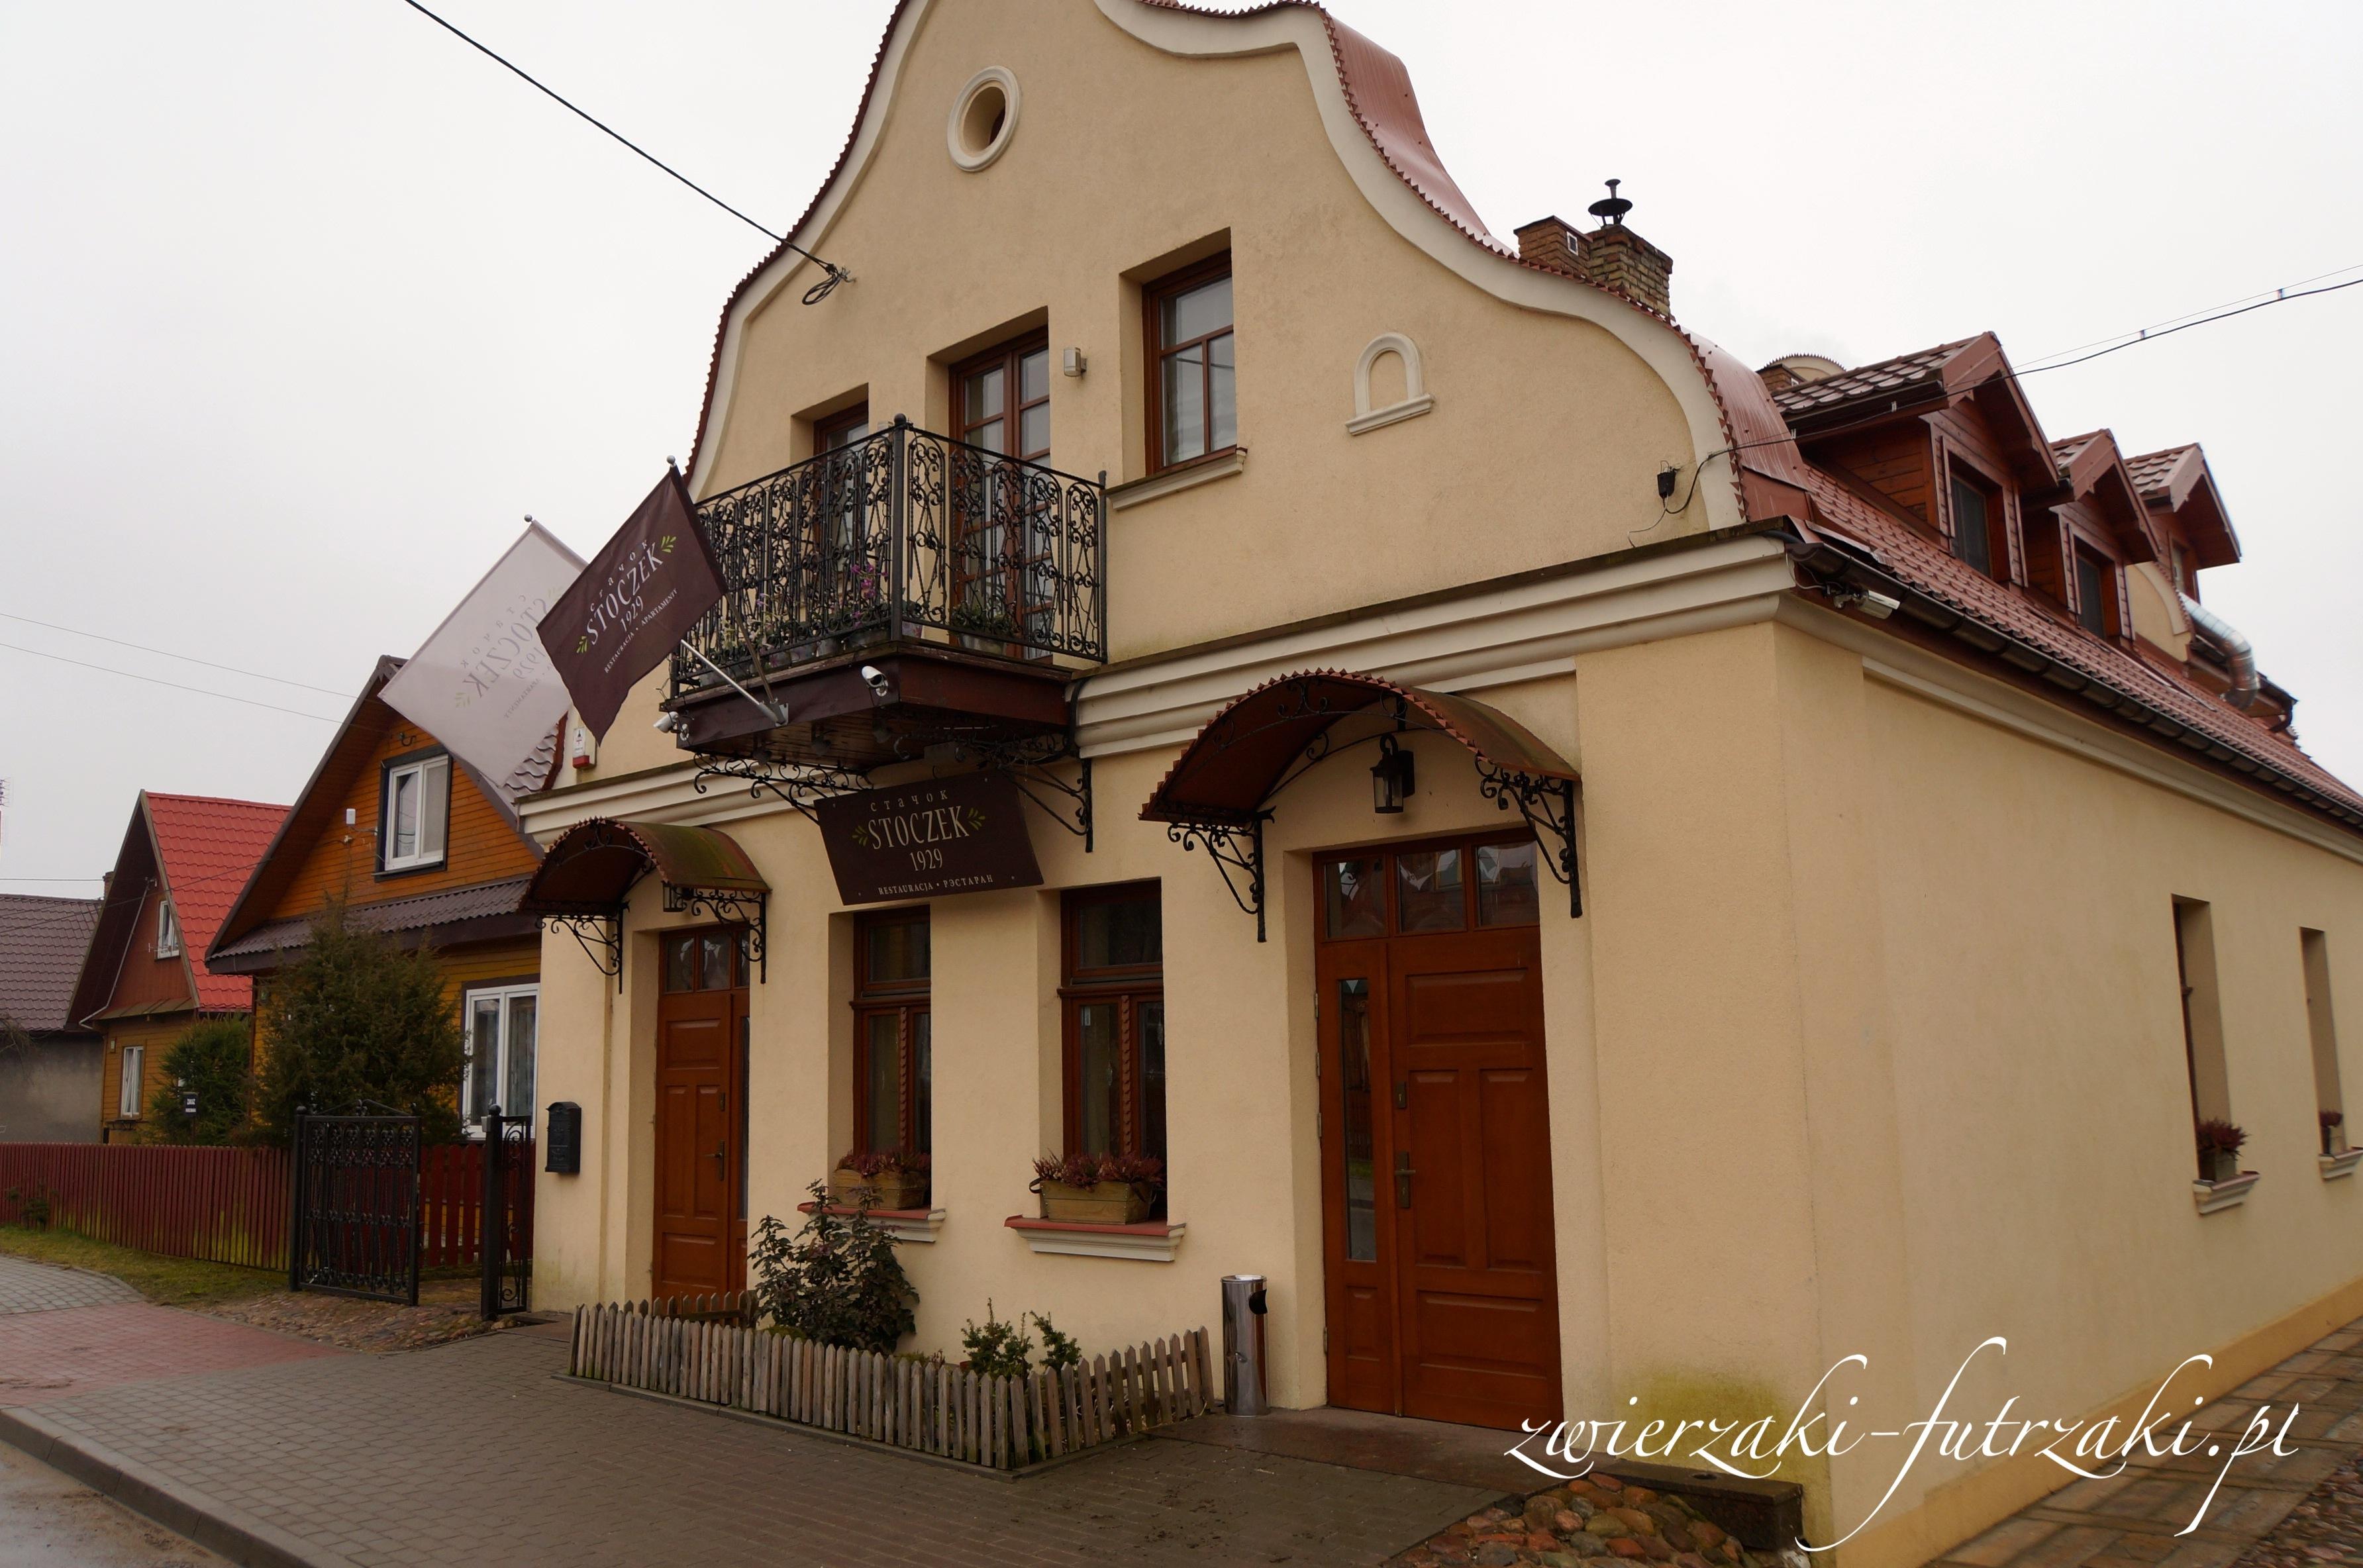 Restauracja Stoczek 1929